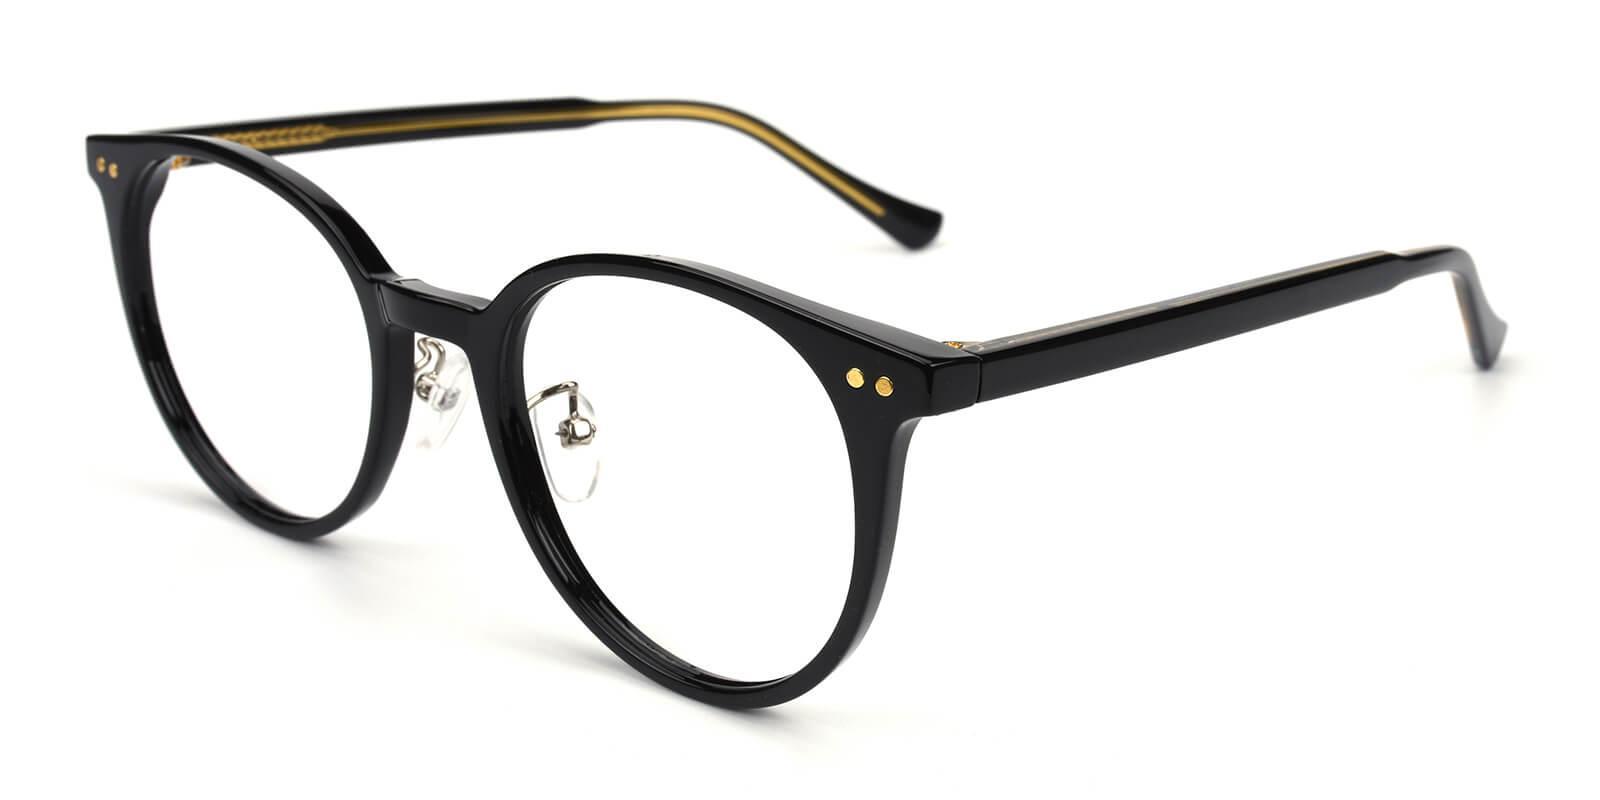 Freak-Black-Round-Acetate-Eyeglasses-additional1